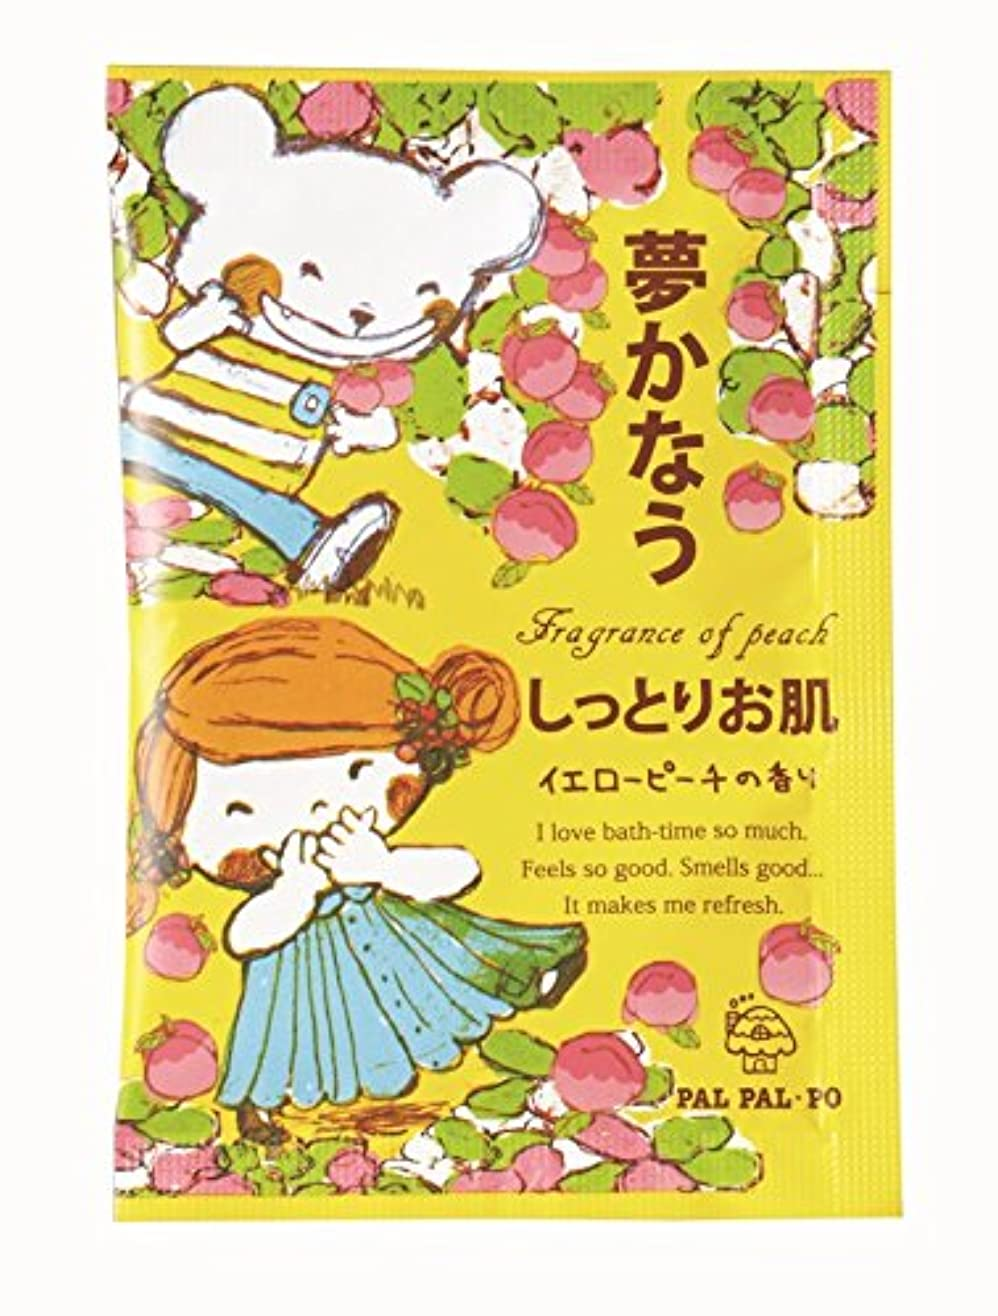 トムオードリースピアニスト極端な入浴剤 パルパルポ-(しっとりお肌 イエロ-ピ-チの香り)20g ケース 200個入り